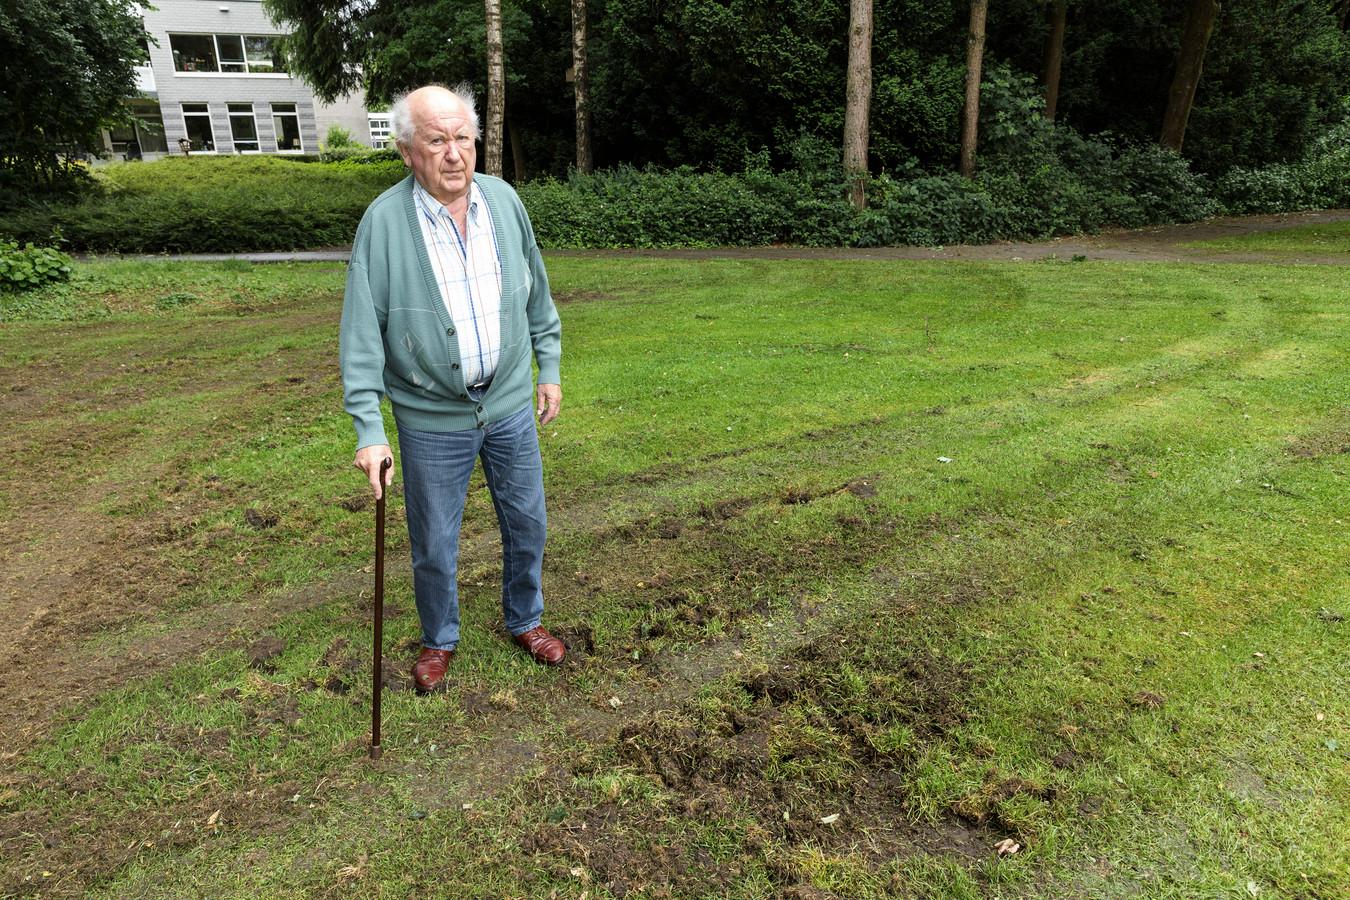 Henk Wagenvoort bij de sporen die wilde zwijnen hebben achtergelaten in het Stationspark.